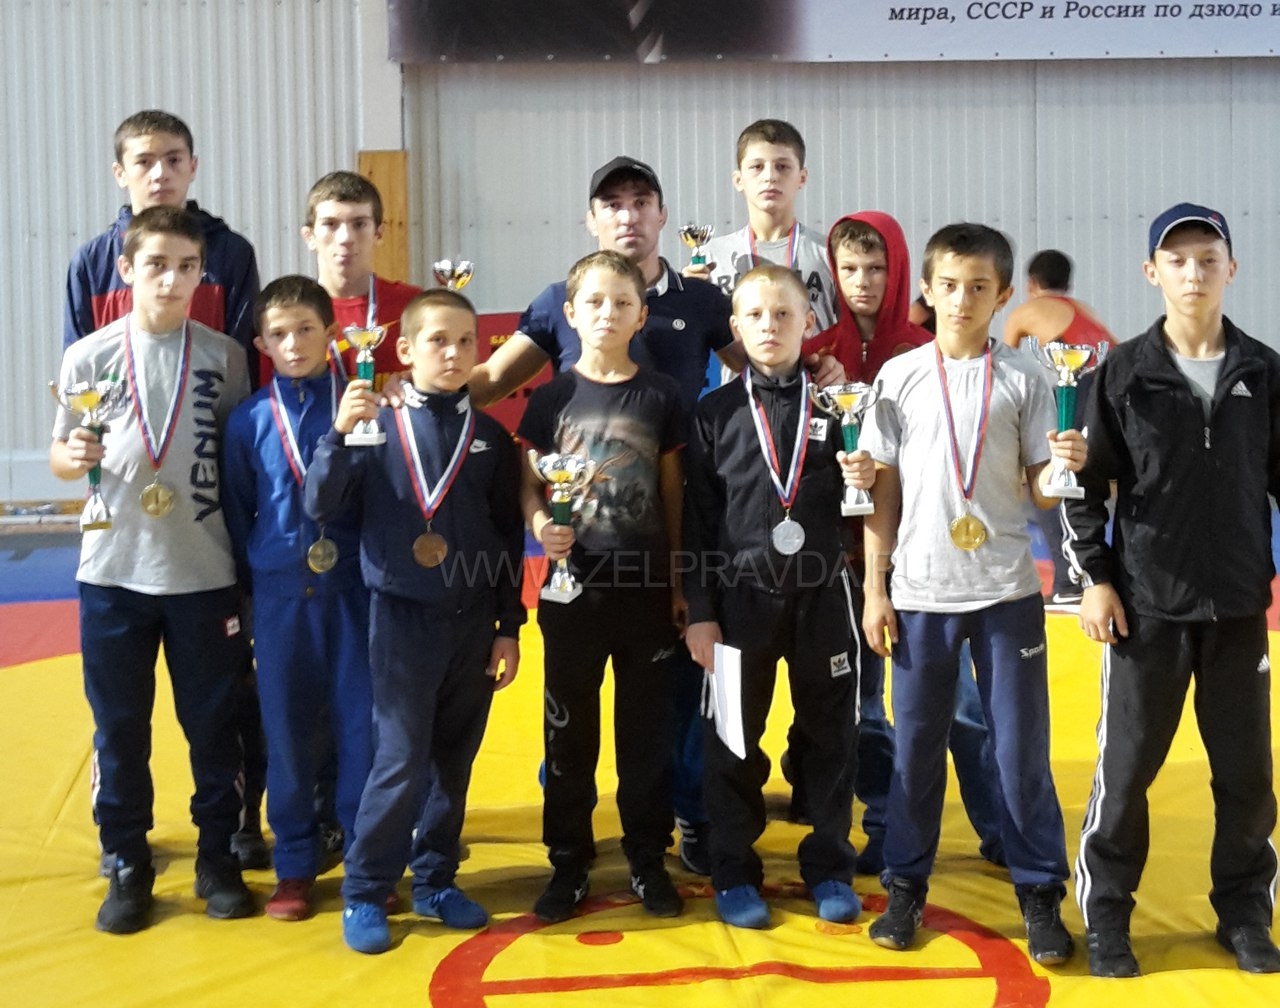 Спортсмены из Сторожевой призеры турнира по вольной борьбе